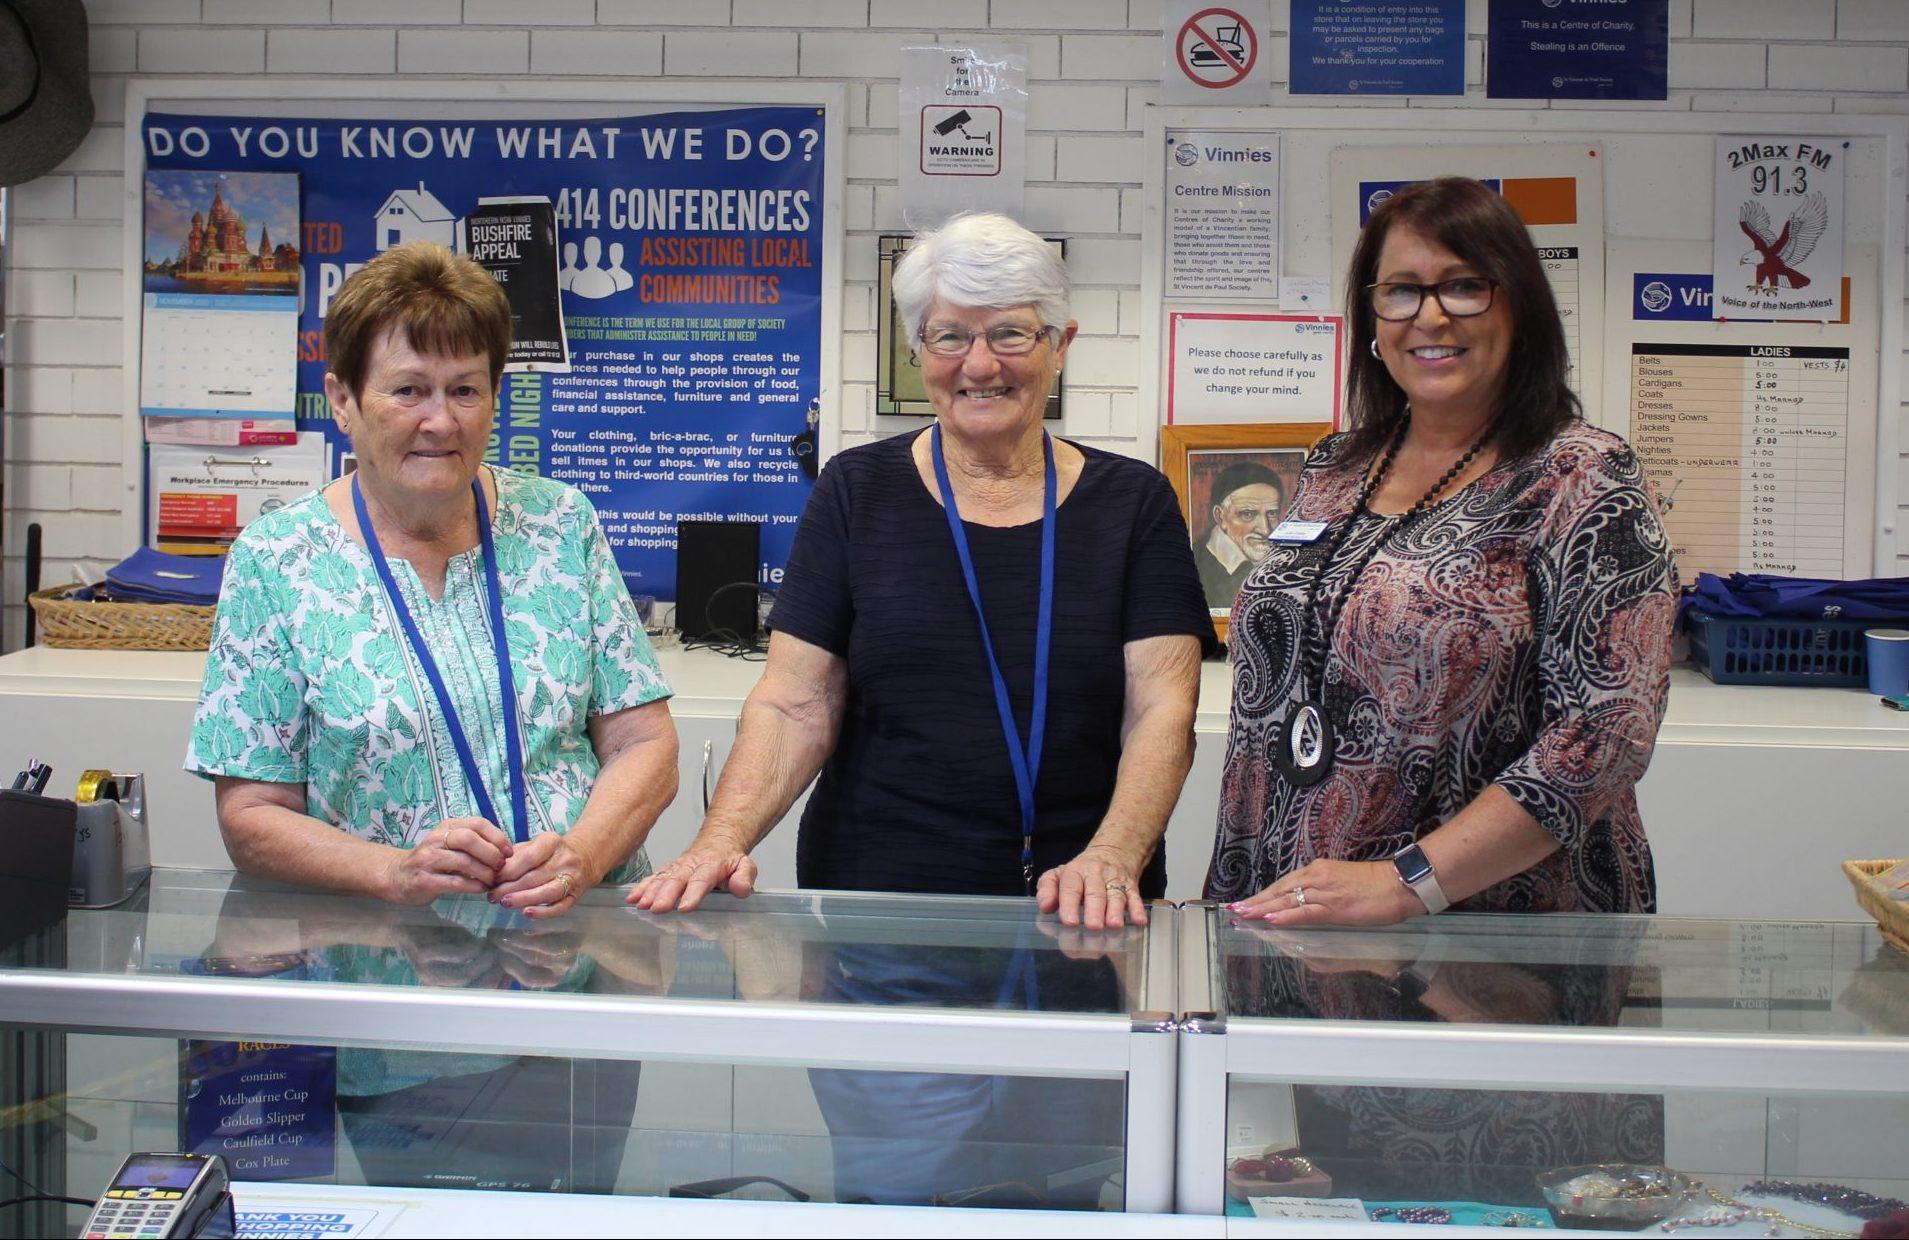 Vinnies seeking more volunteers to join its team